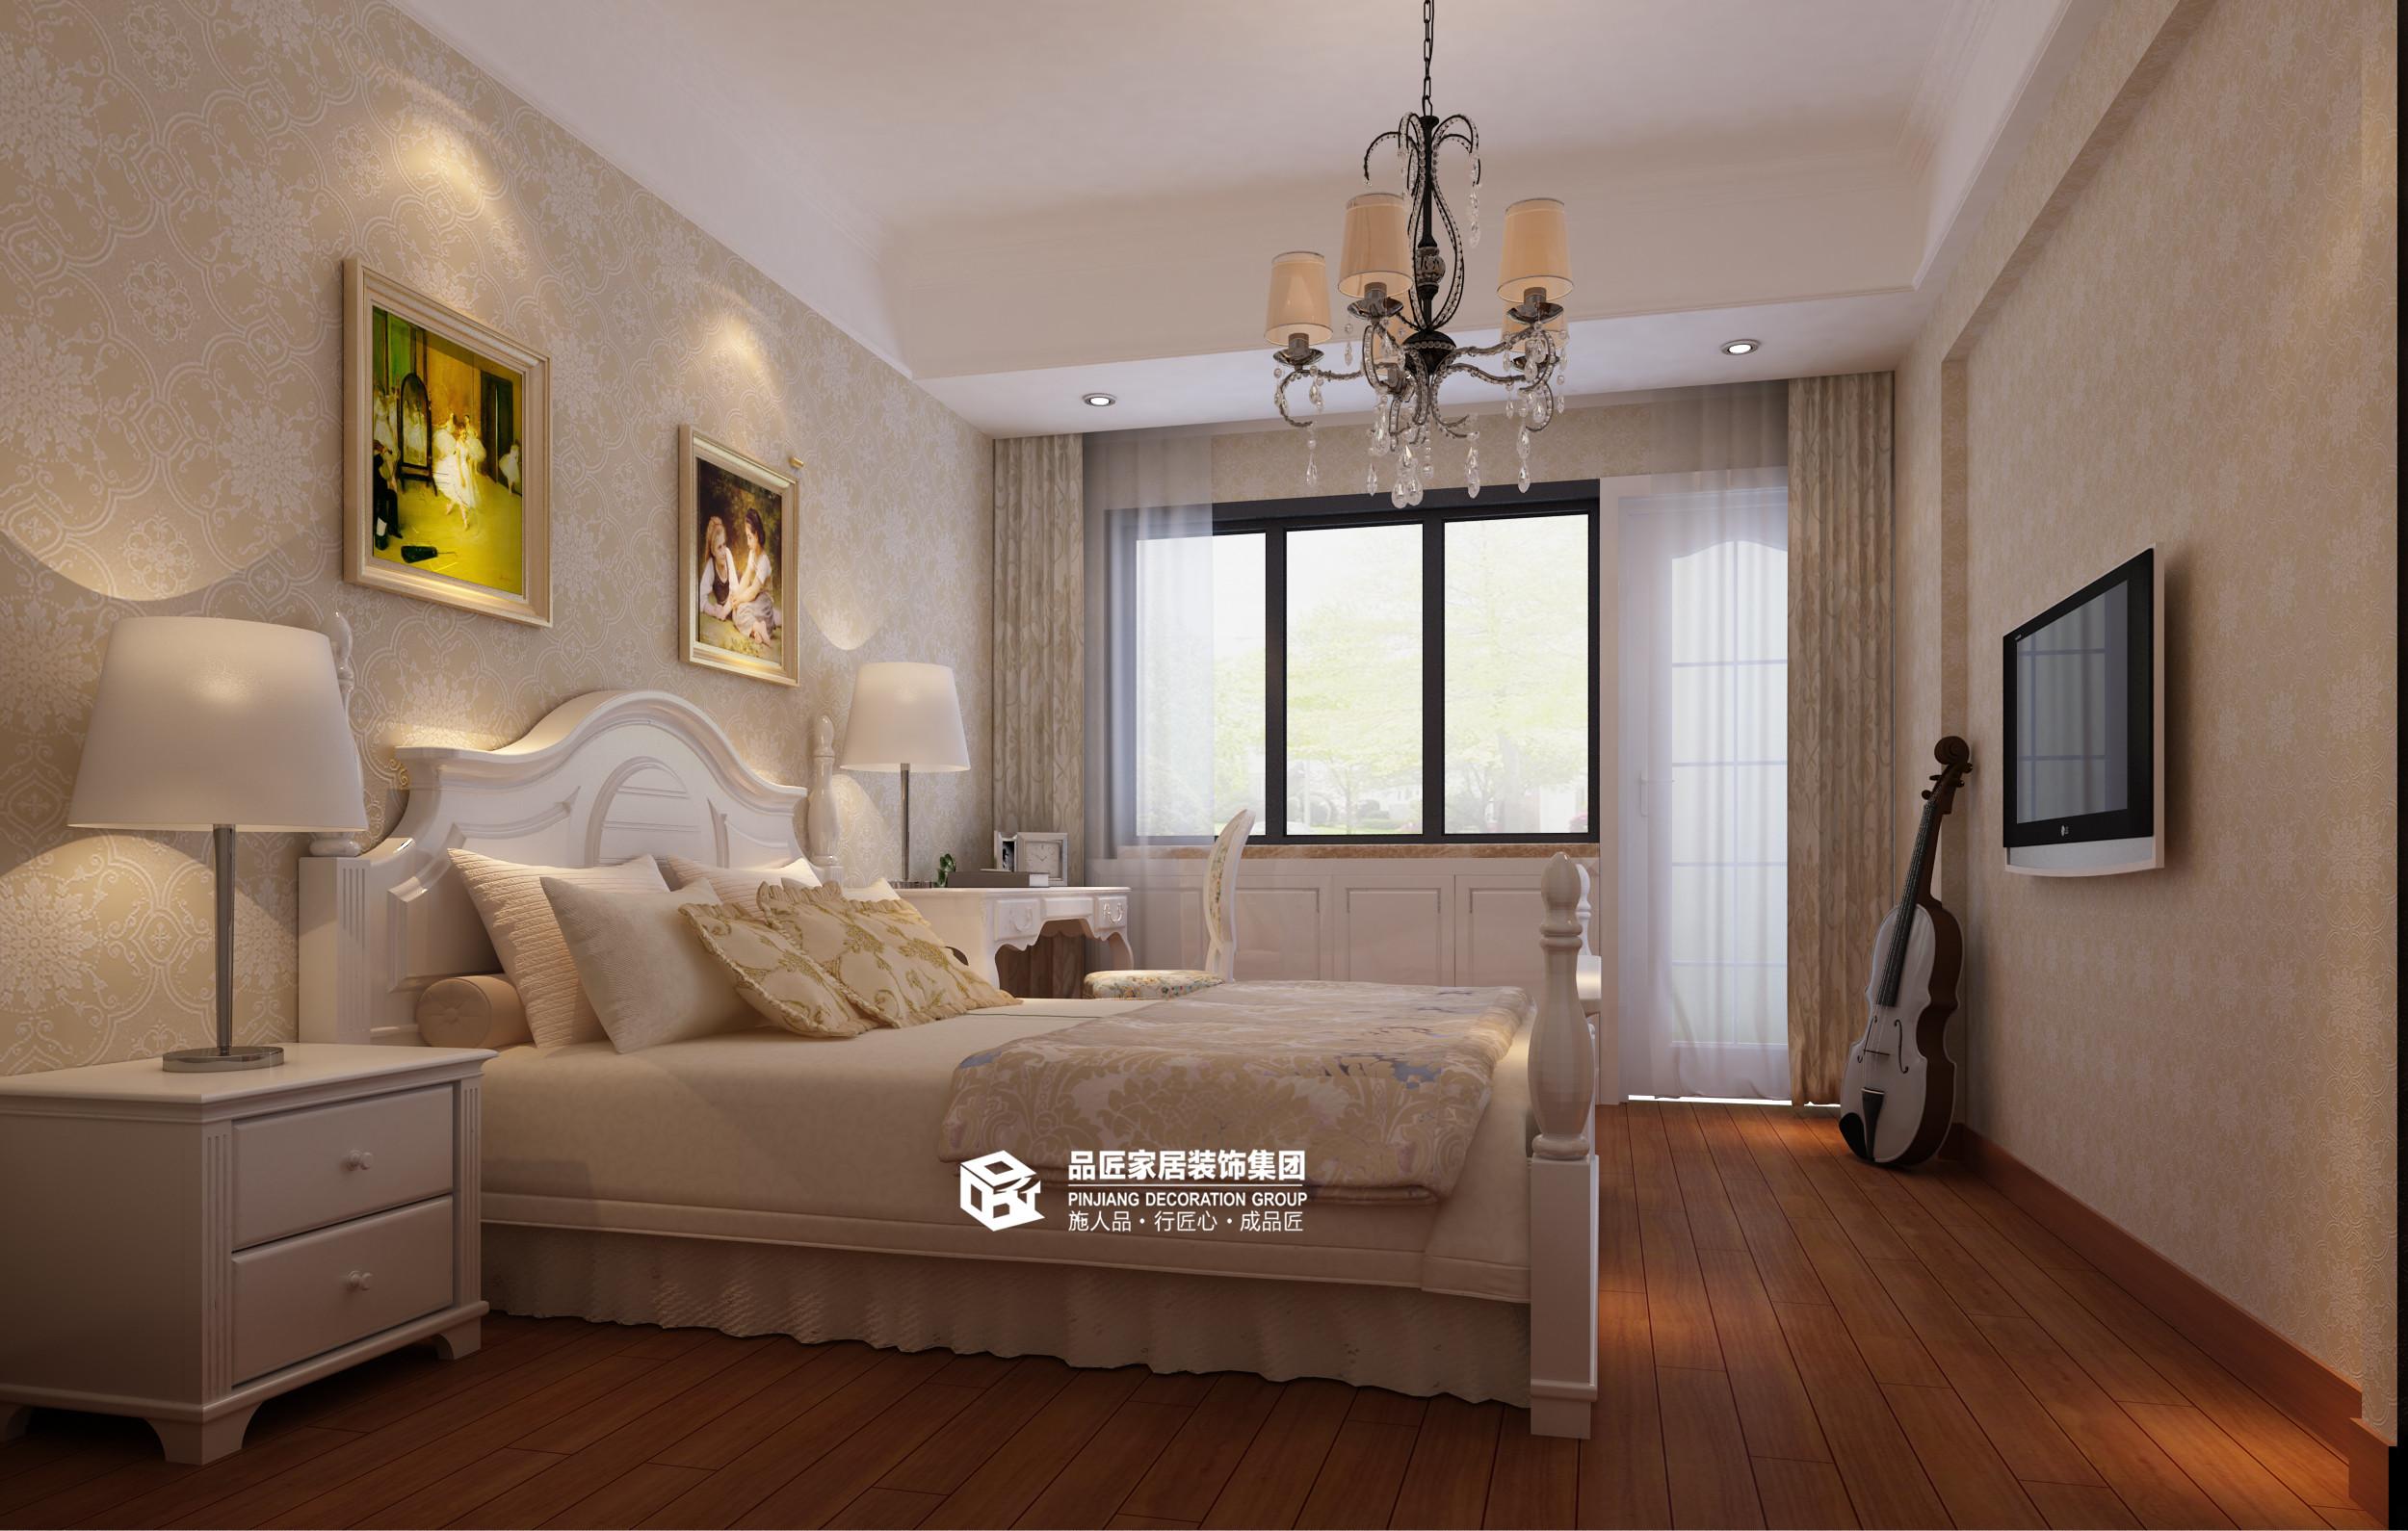 装修价格 欧式风格装 品匠装饰 凤岭世家 客厅图片来自广西品匠装饰集团在凤岭世家简欧风格装修案例。的分享